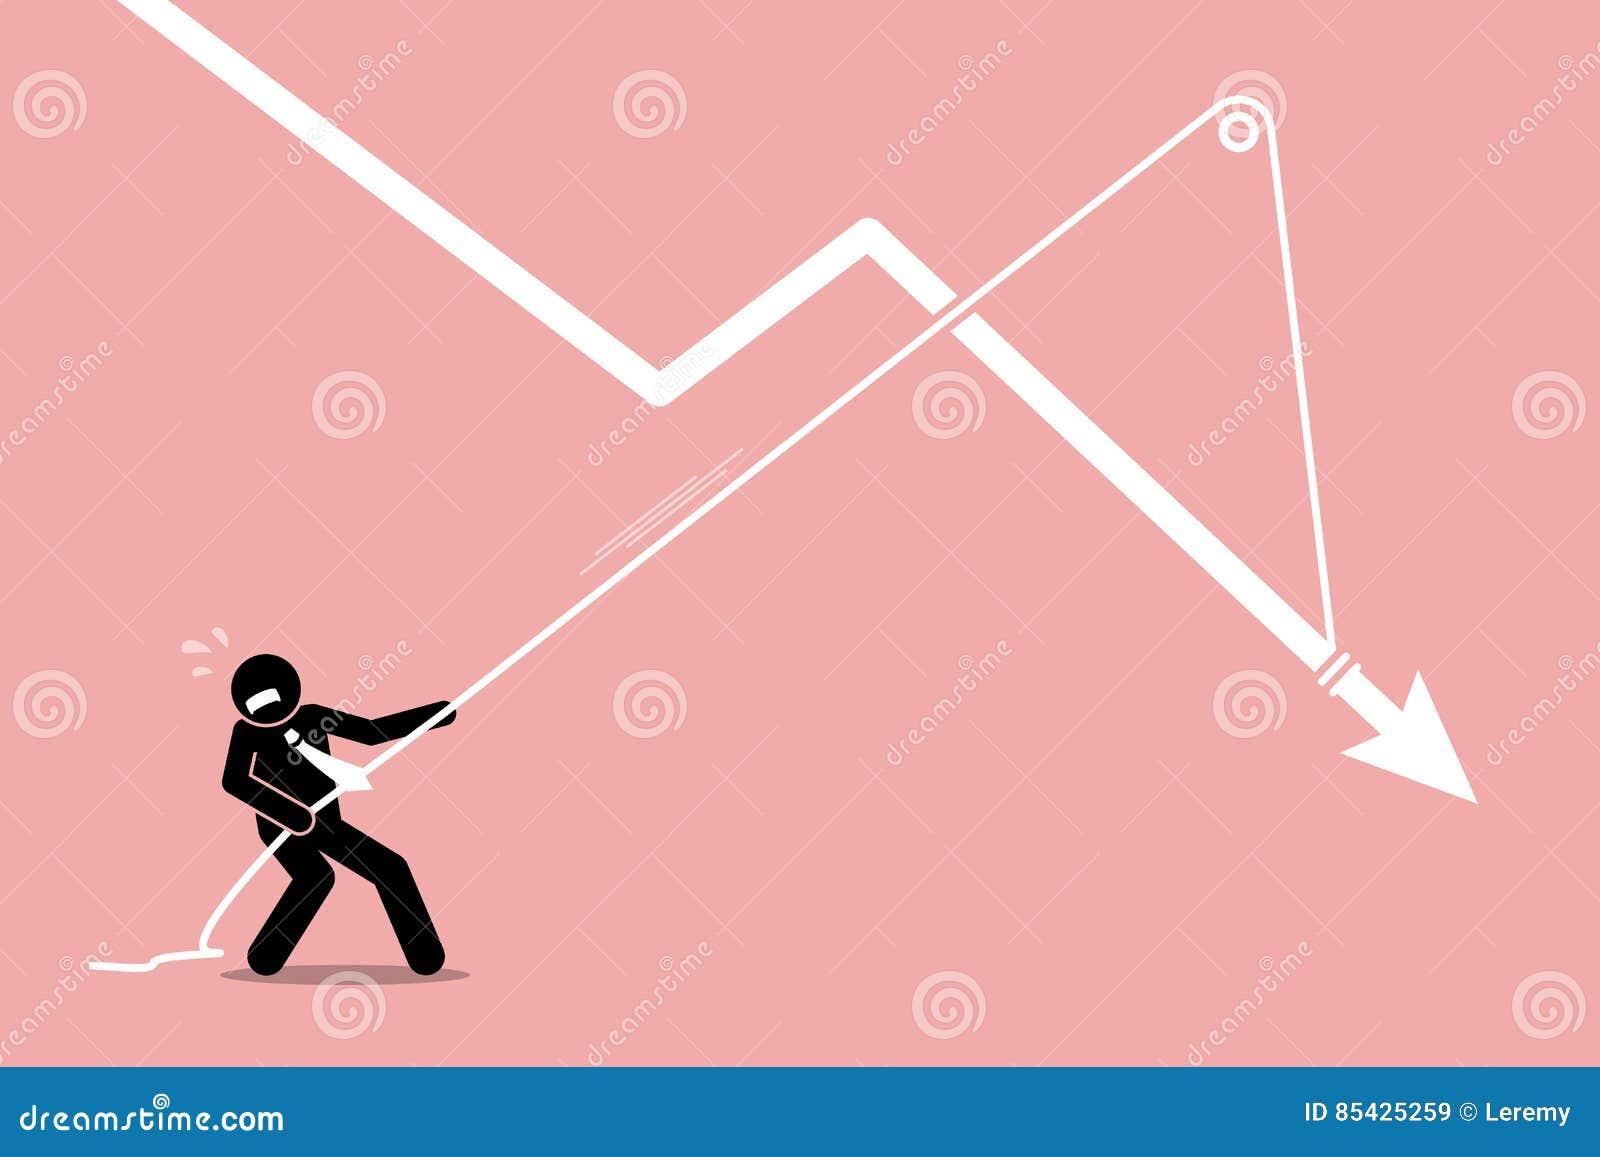 Επιχειρηματίας που τραβά ένα μειωμένο διάγραμμα γραφικών παραστάσεων βελών από την περαιτέρω μείωση κάτω